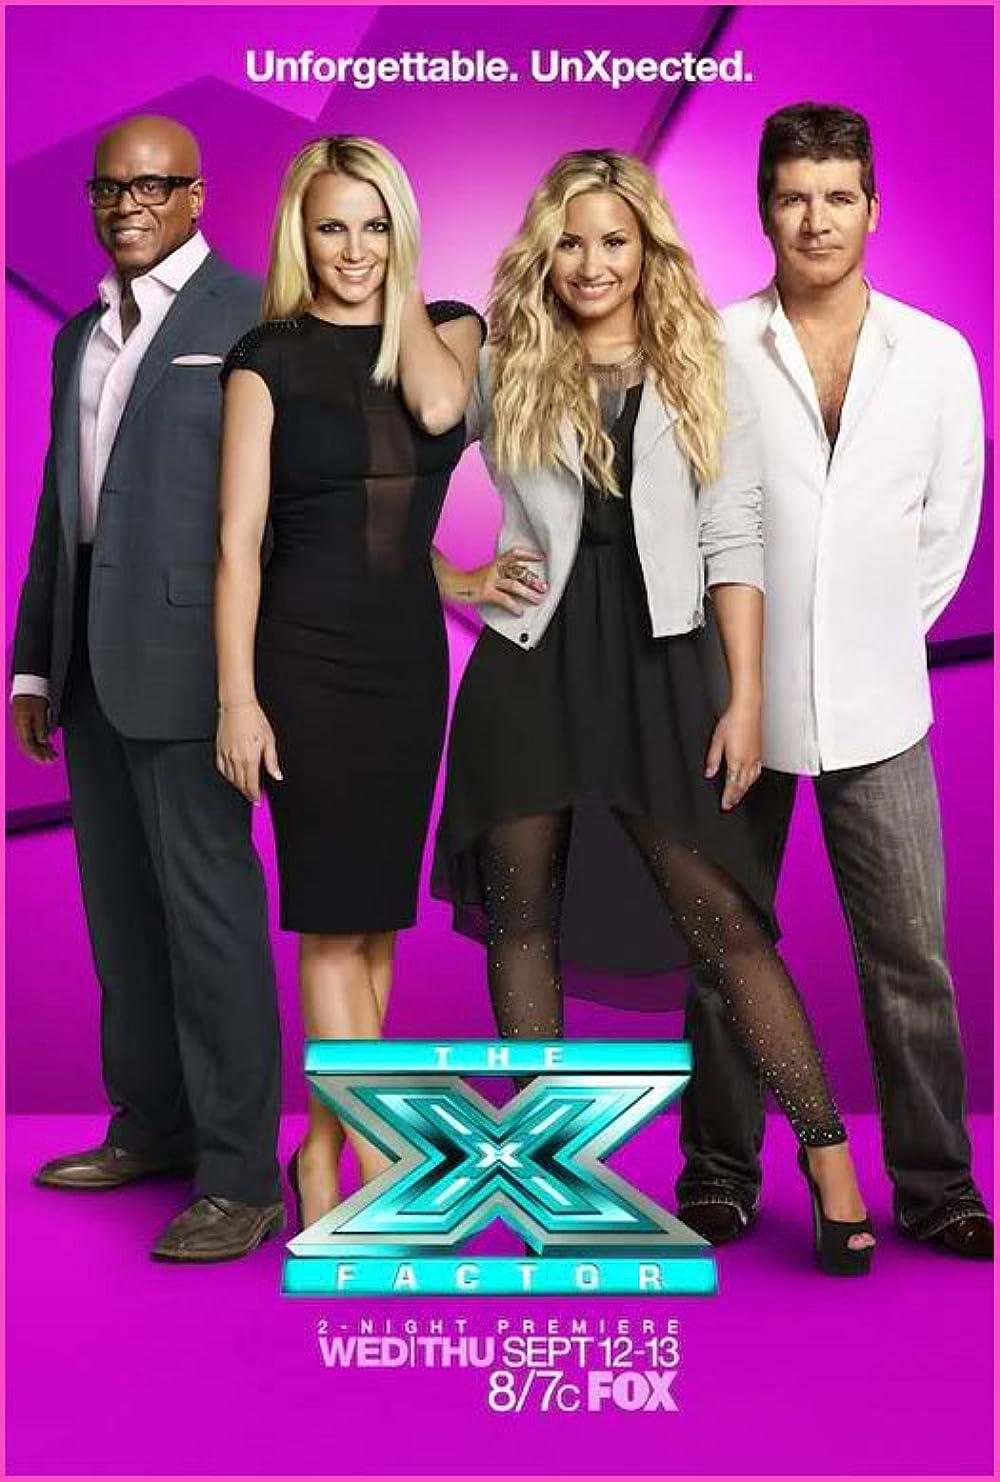 X factor judges 2012 names